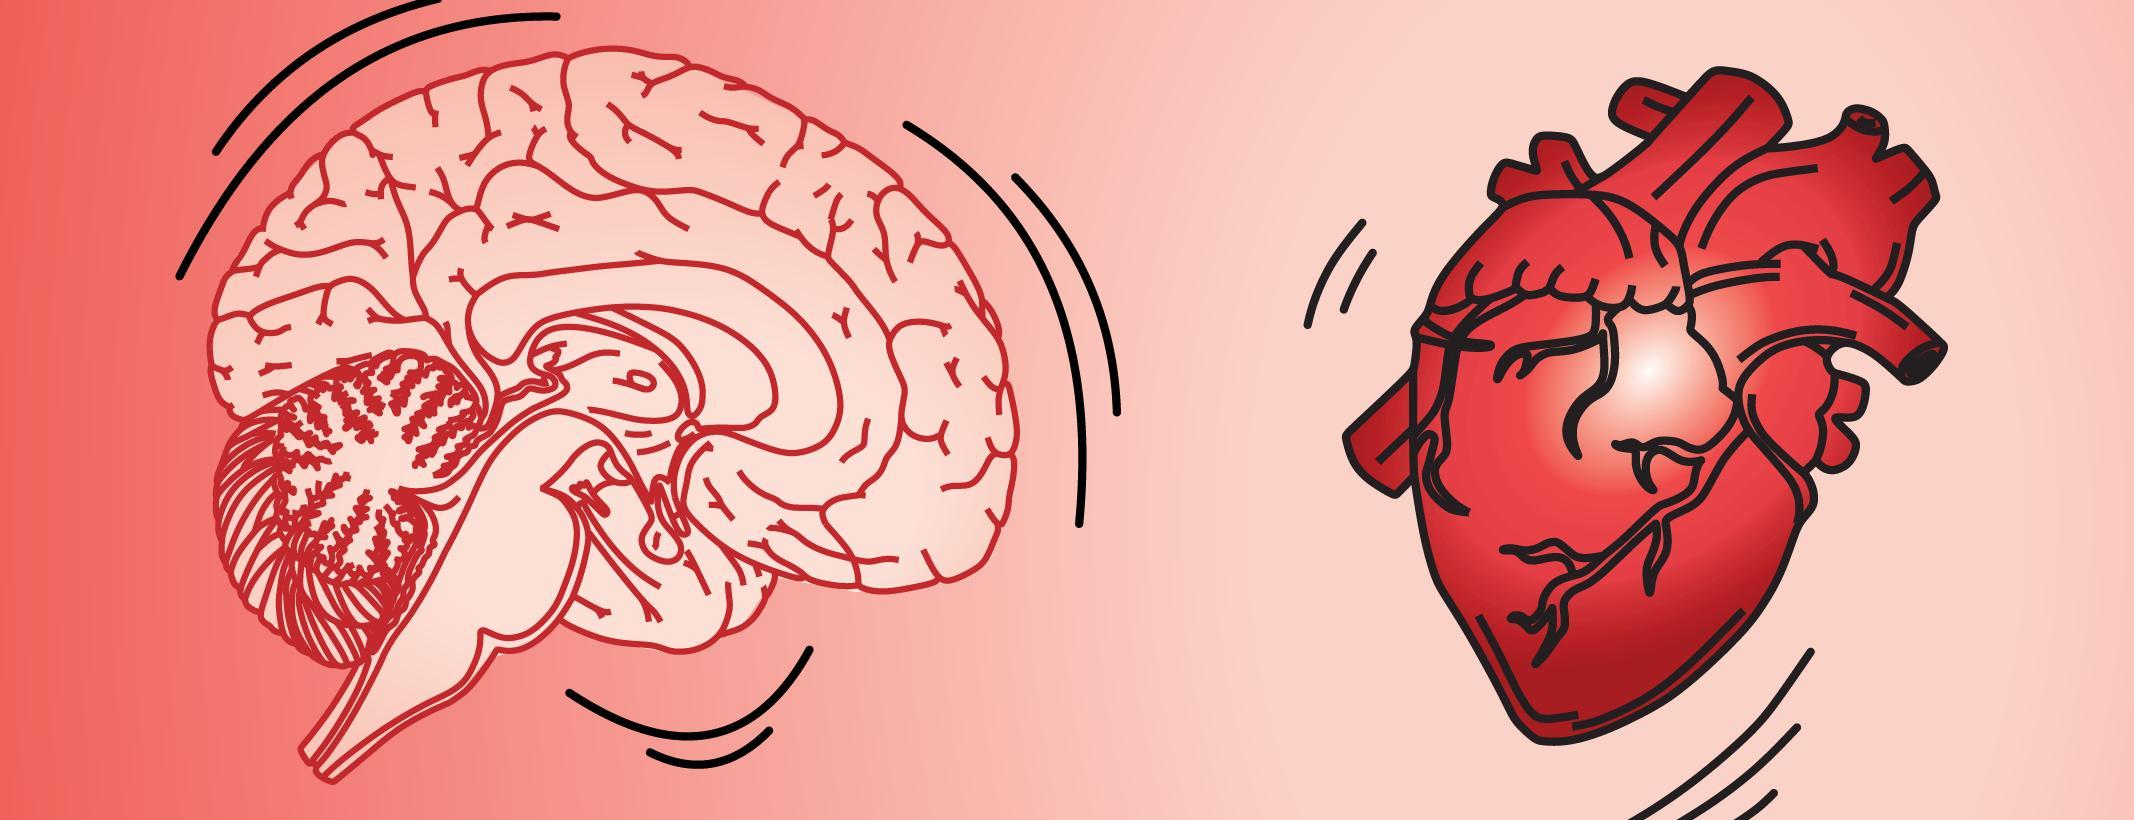 Сердцебиение помогло открыть три типа нейронов в гиппокампе человека